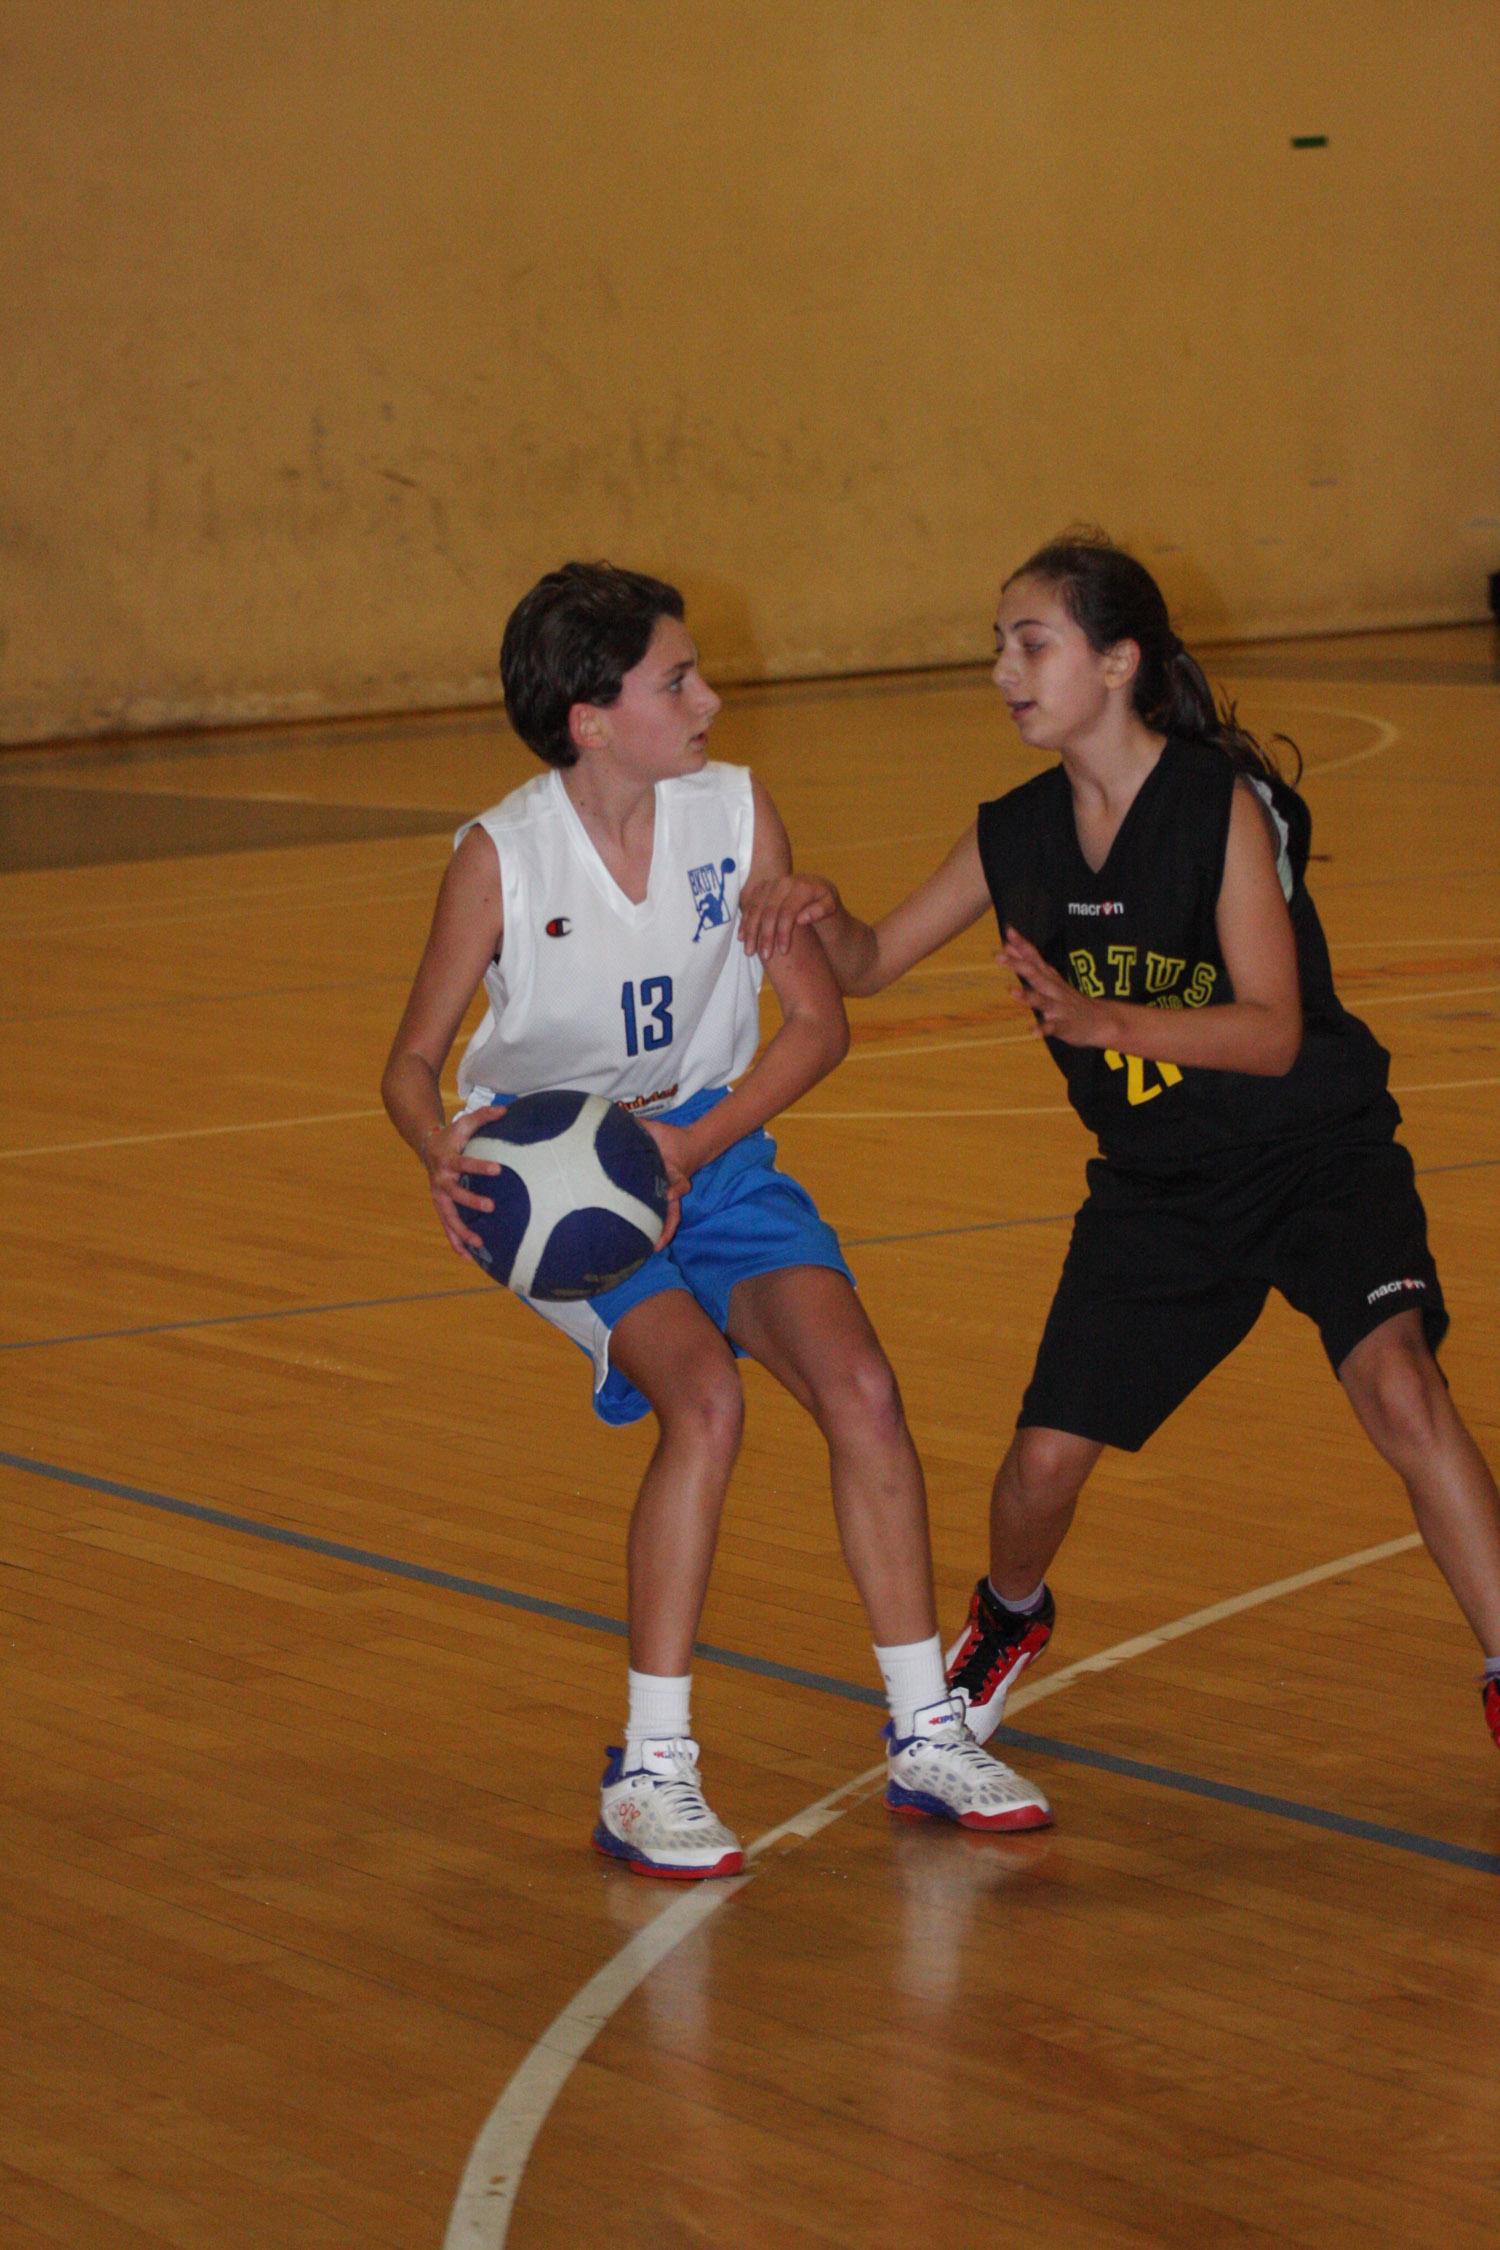 U13 - Baskettiamo Vittuone vs Carroccio Legnano 00014.jpg